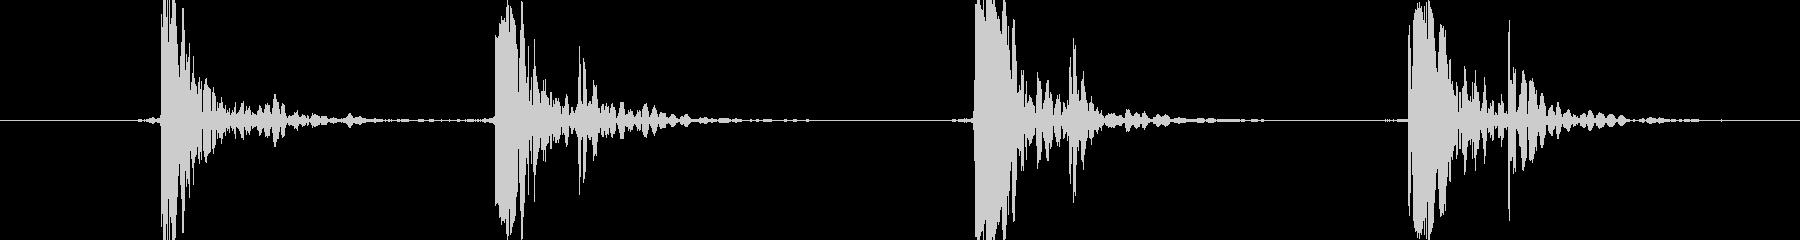 ジェネリックパンチコンボ、ボクシングの未再生の波形